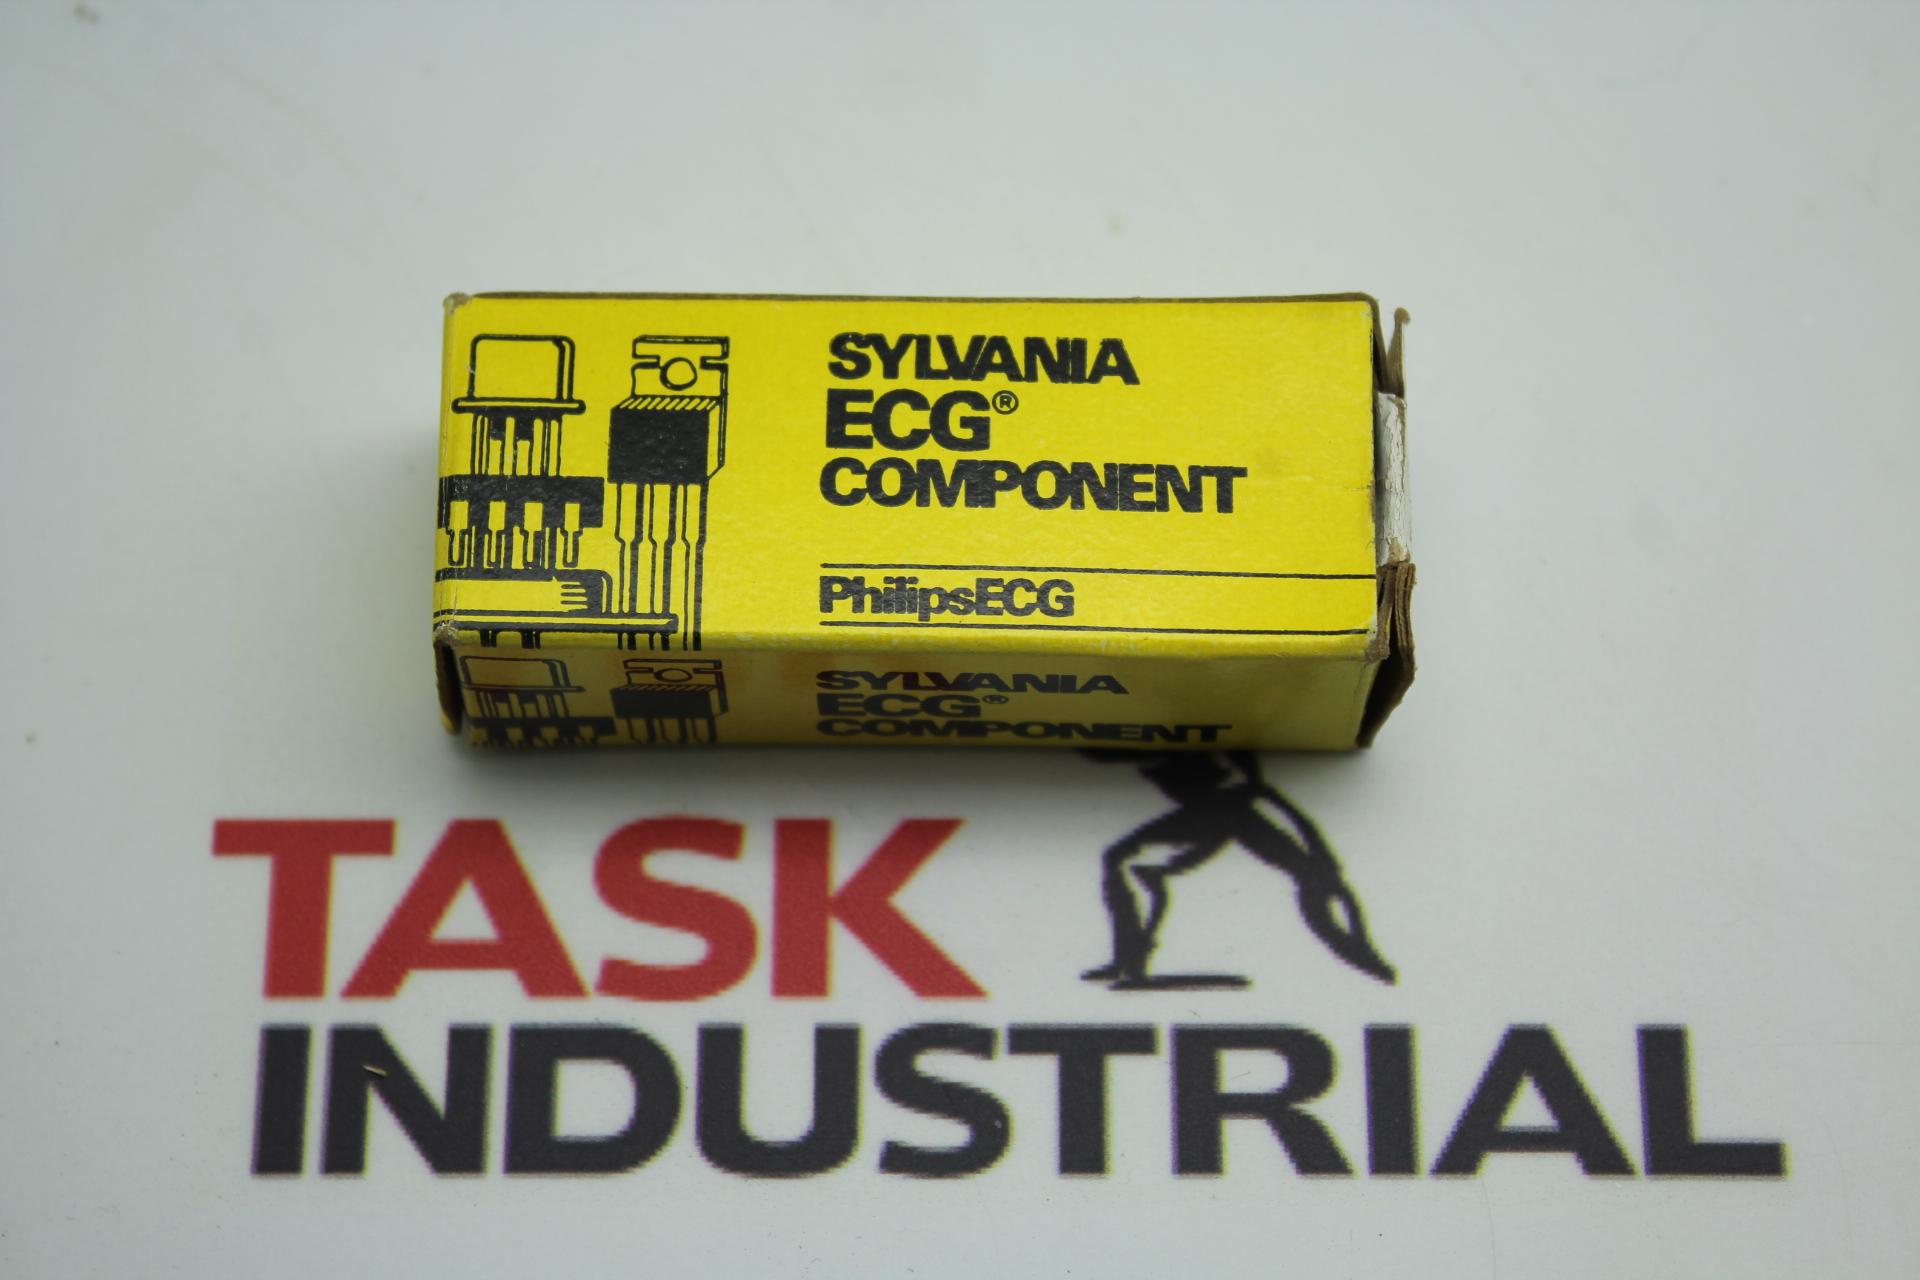 Sylvania ECG Component ECG5995